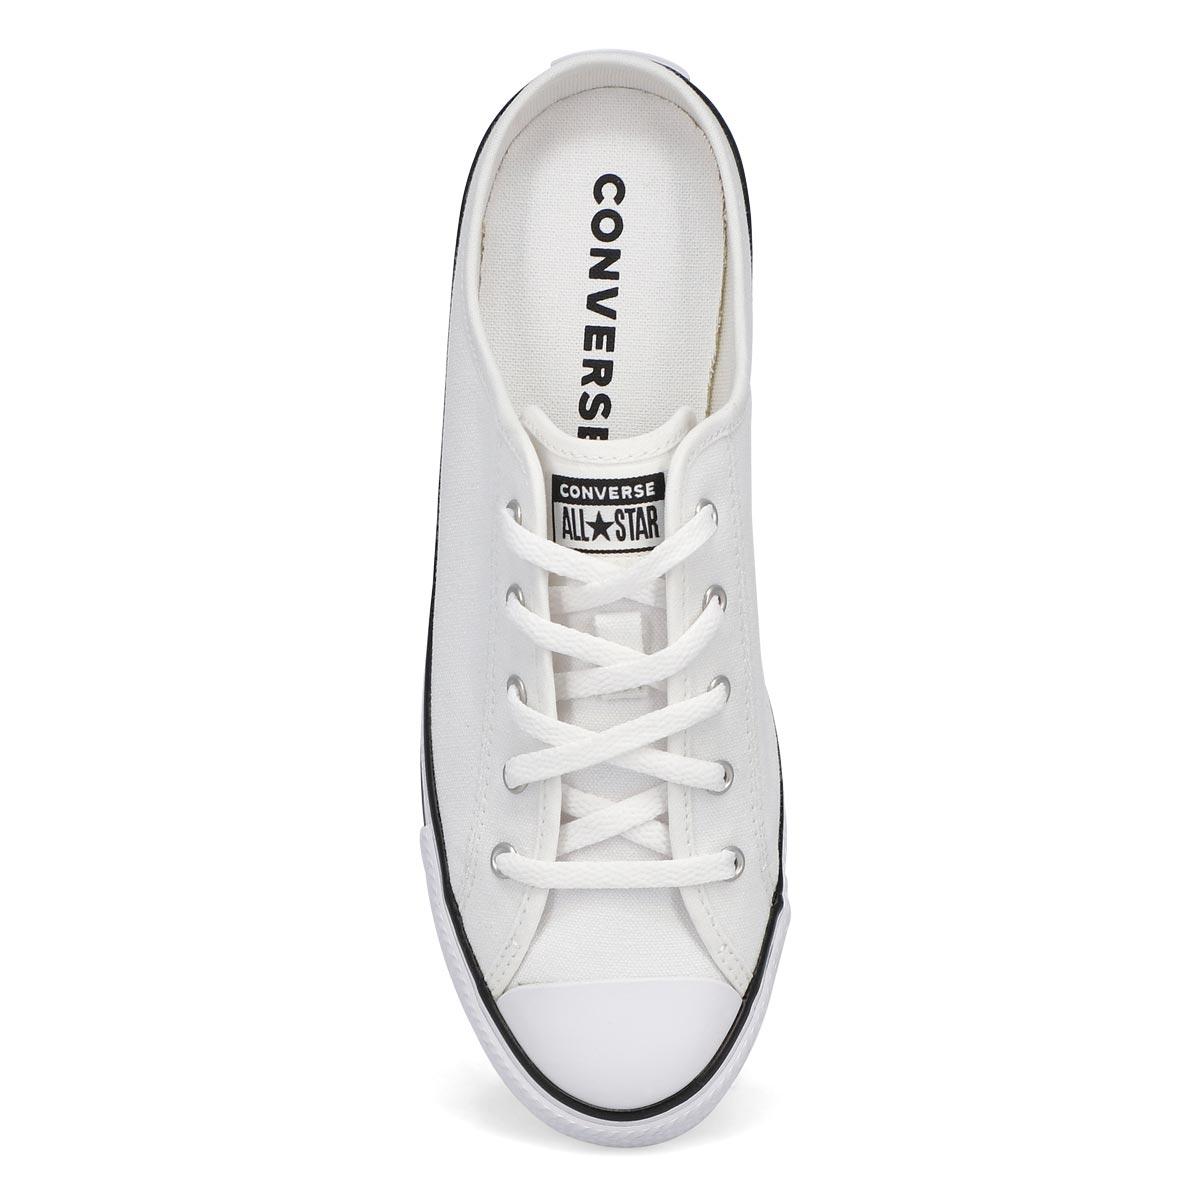 Women's All Star Dainty Mule Slip On Sneaker